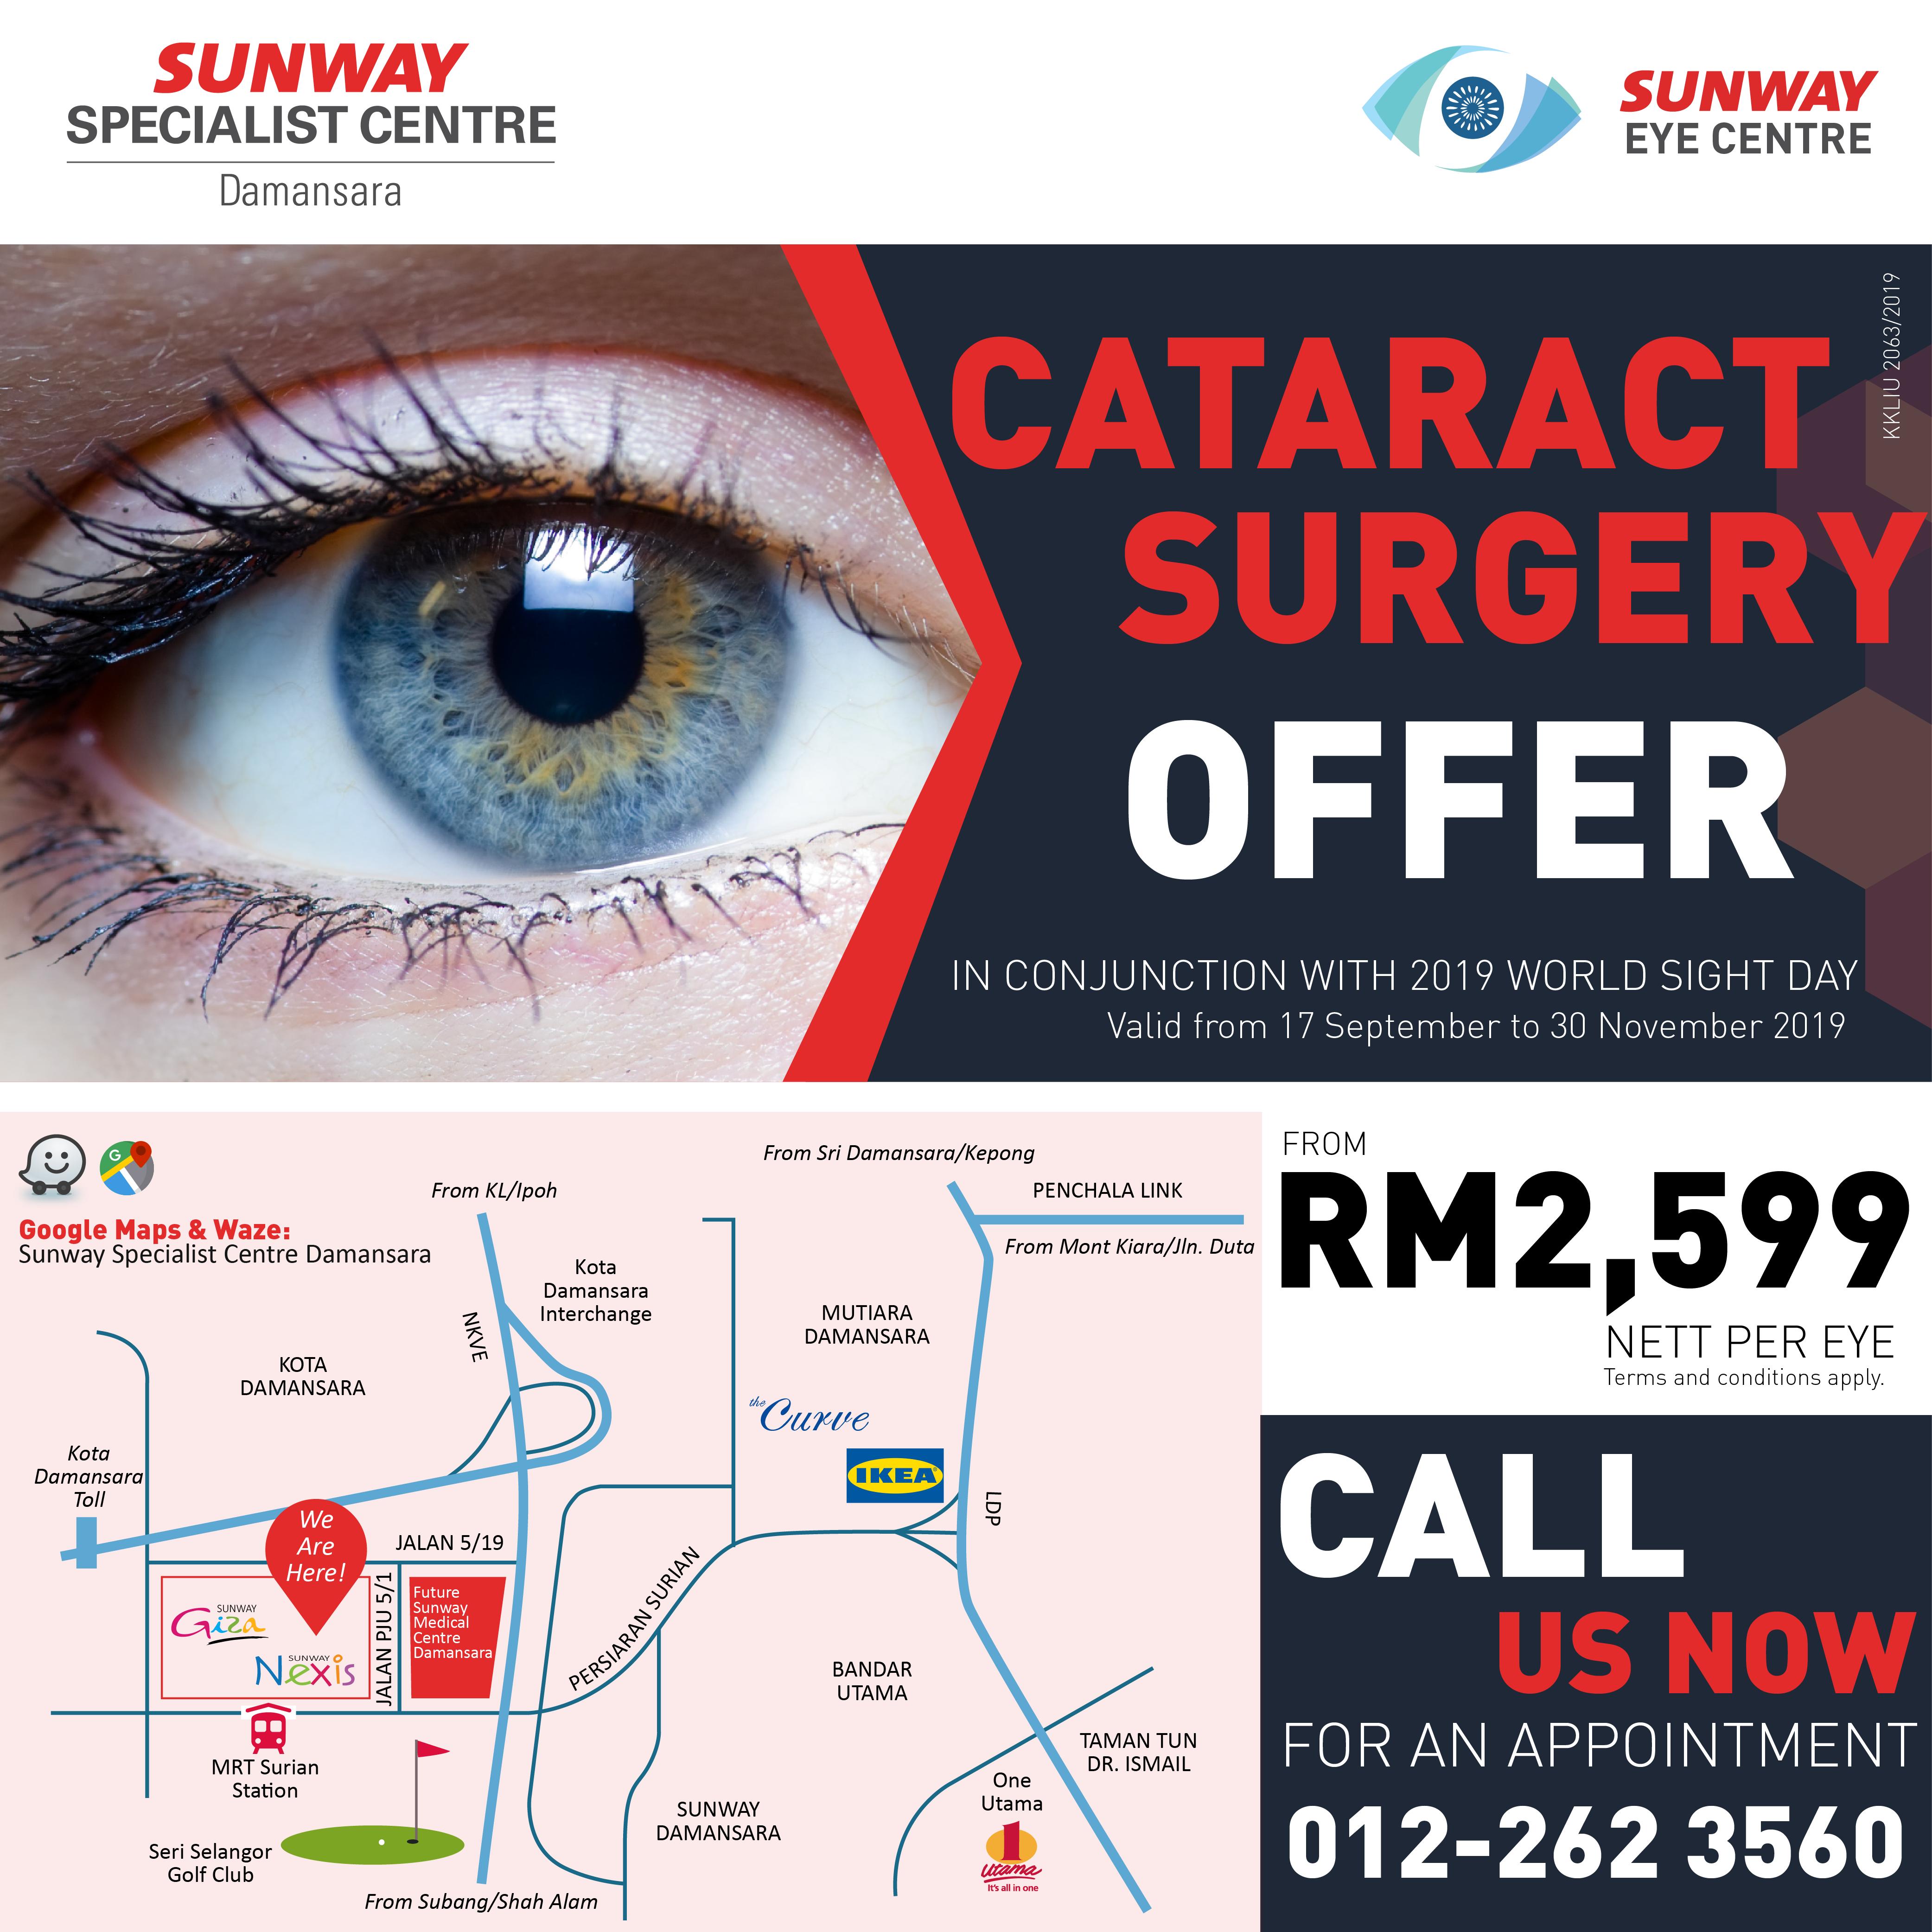 Cataract Surgery Offer at RM2,599 Nett per eye (NP: RM5,254)